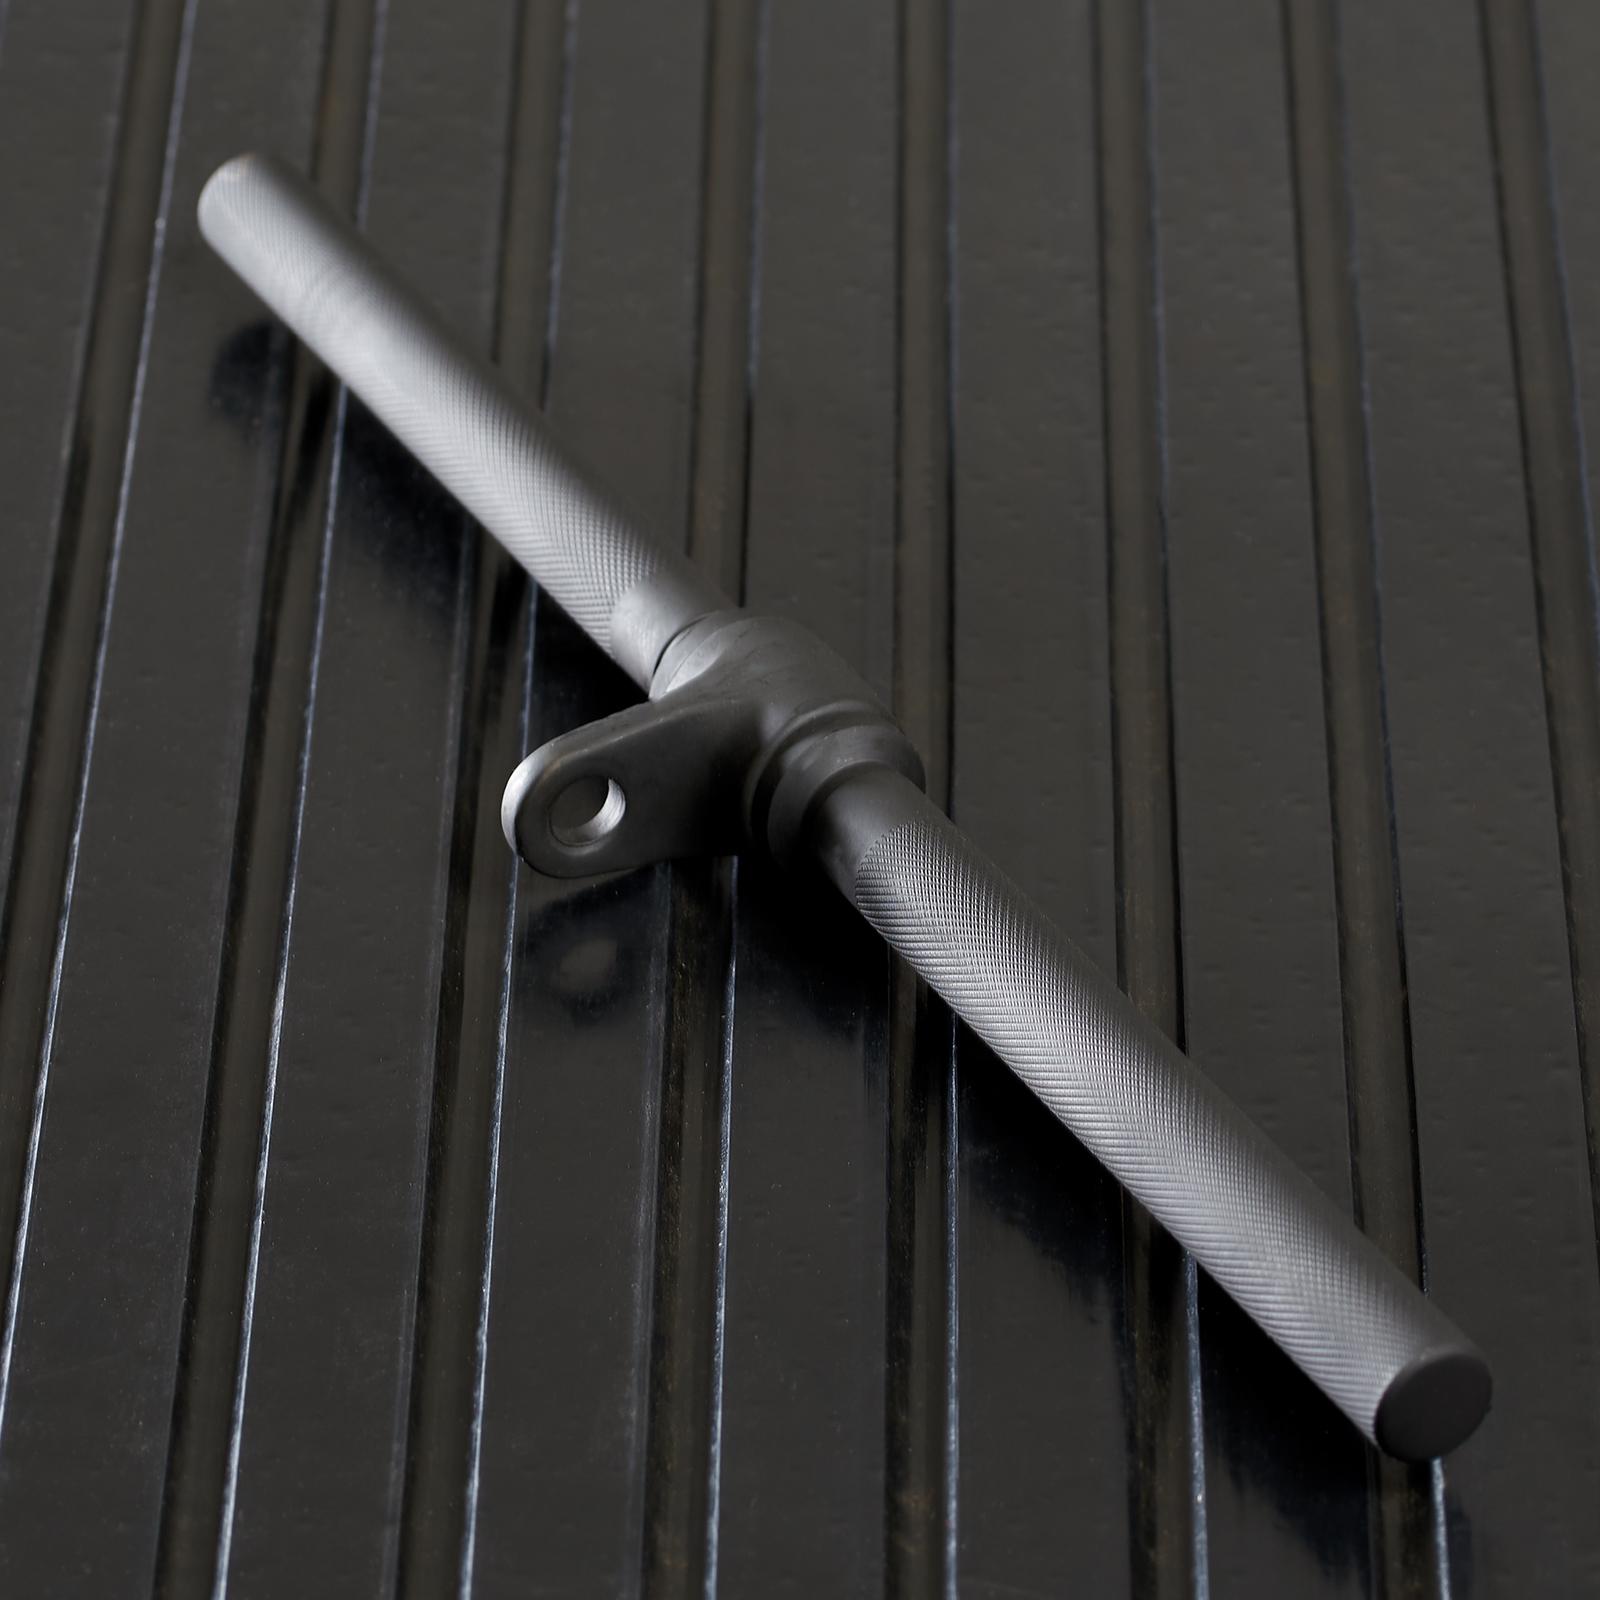 Multi Gym Mirafit Attache Barre Droit Tournante 50cm pour Systemes de Cable